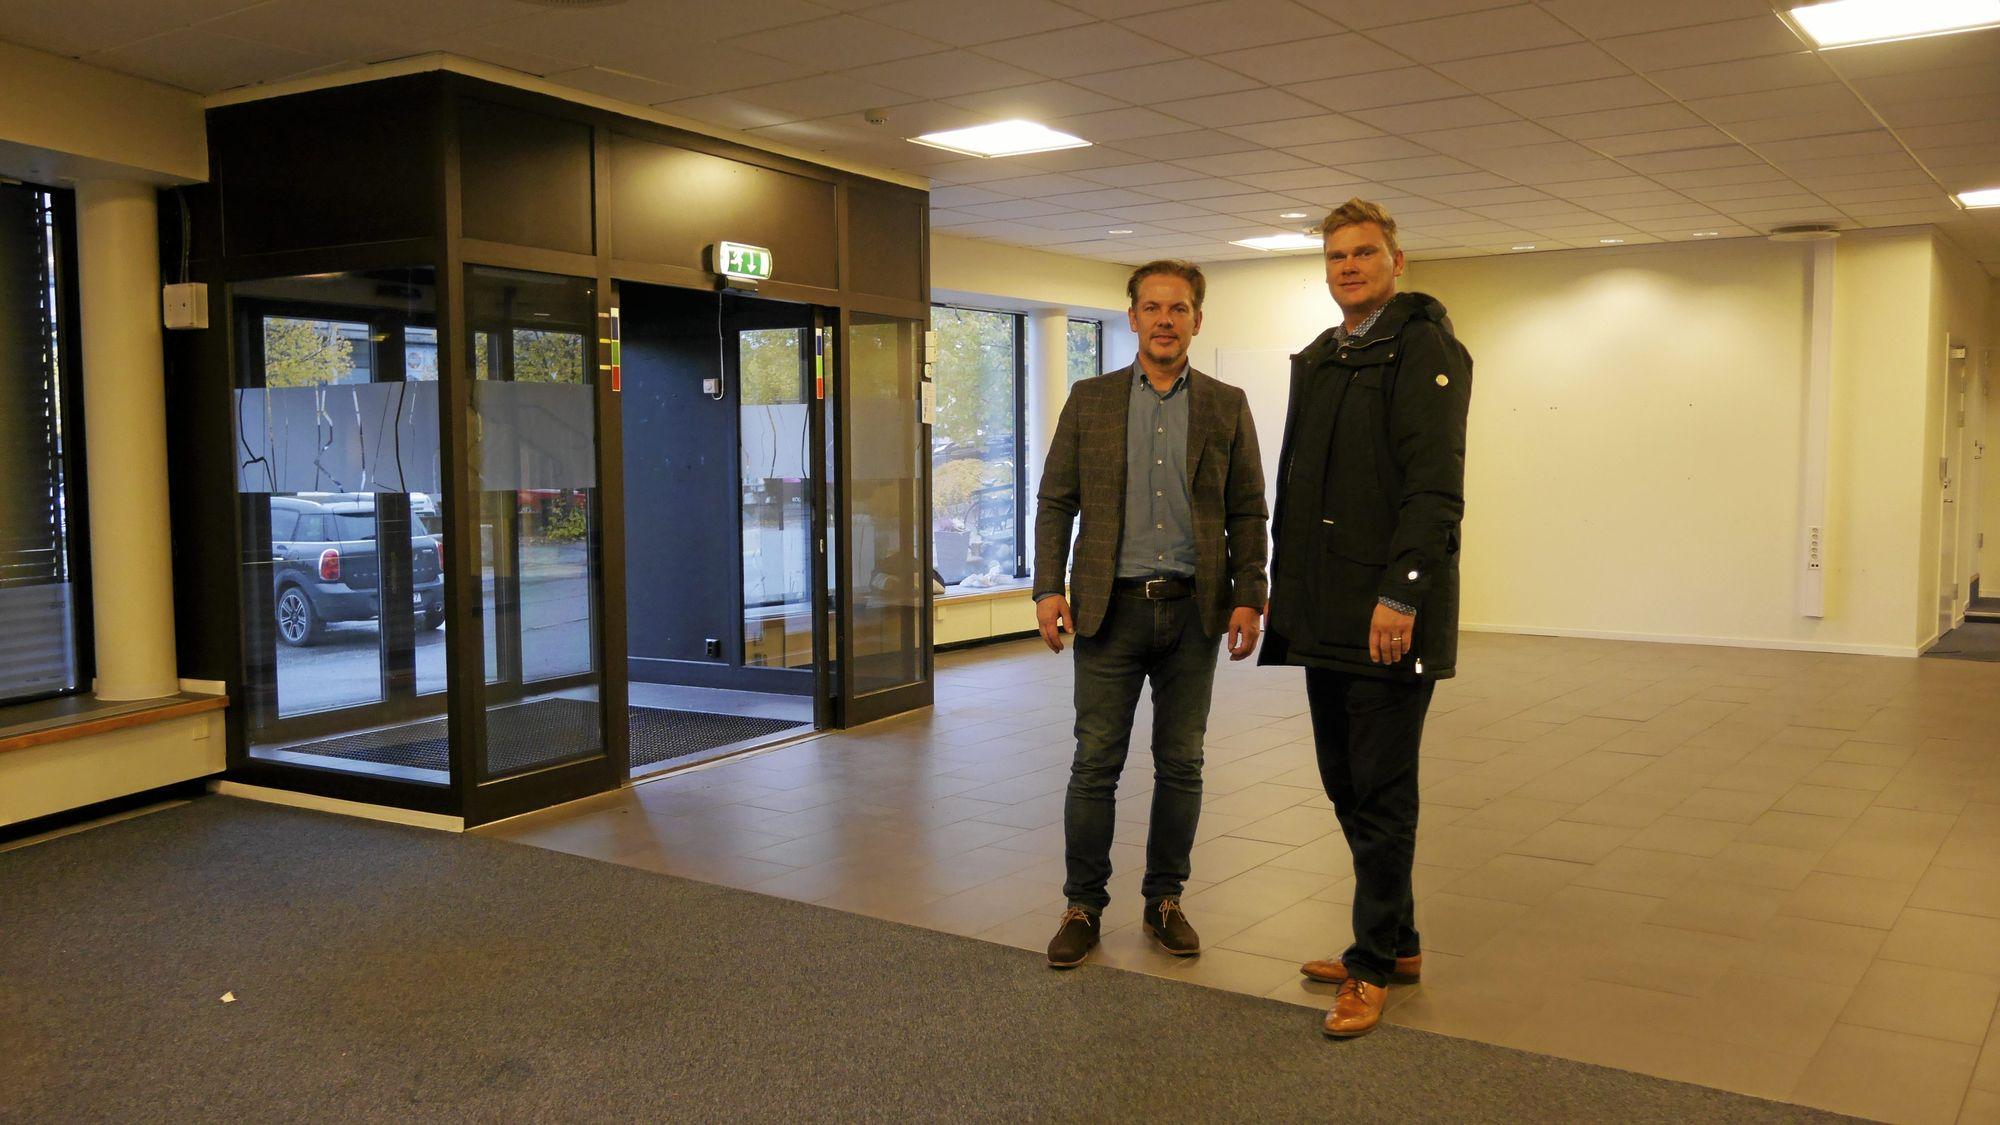 STORT POTENSIALE: Tor Hamborg og Jan Engeby skal nå frem med malekost og alt annet som trengs til oppussingen. De gleder seg stort til å flytte inn i nye lokaler.